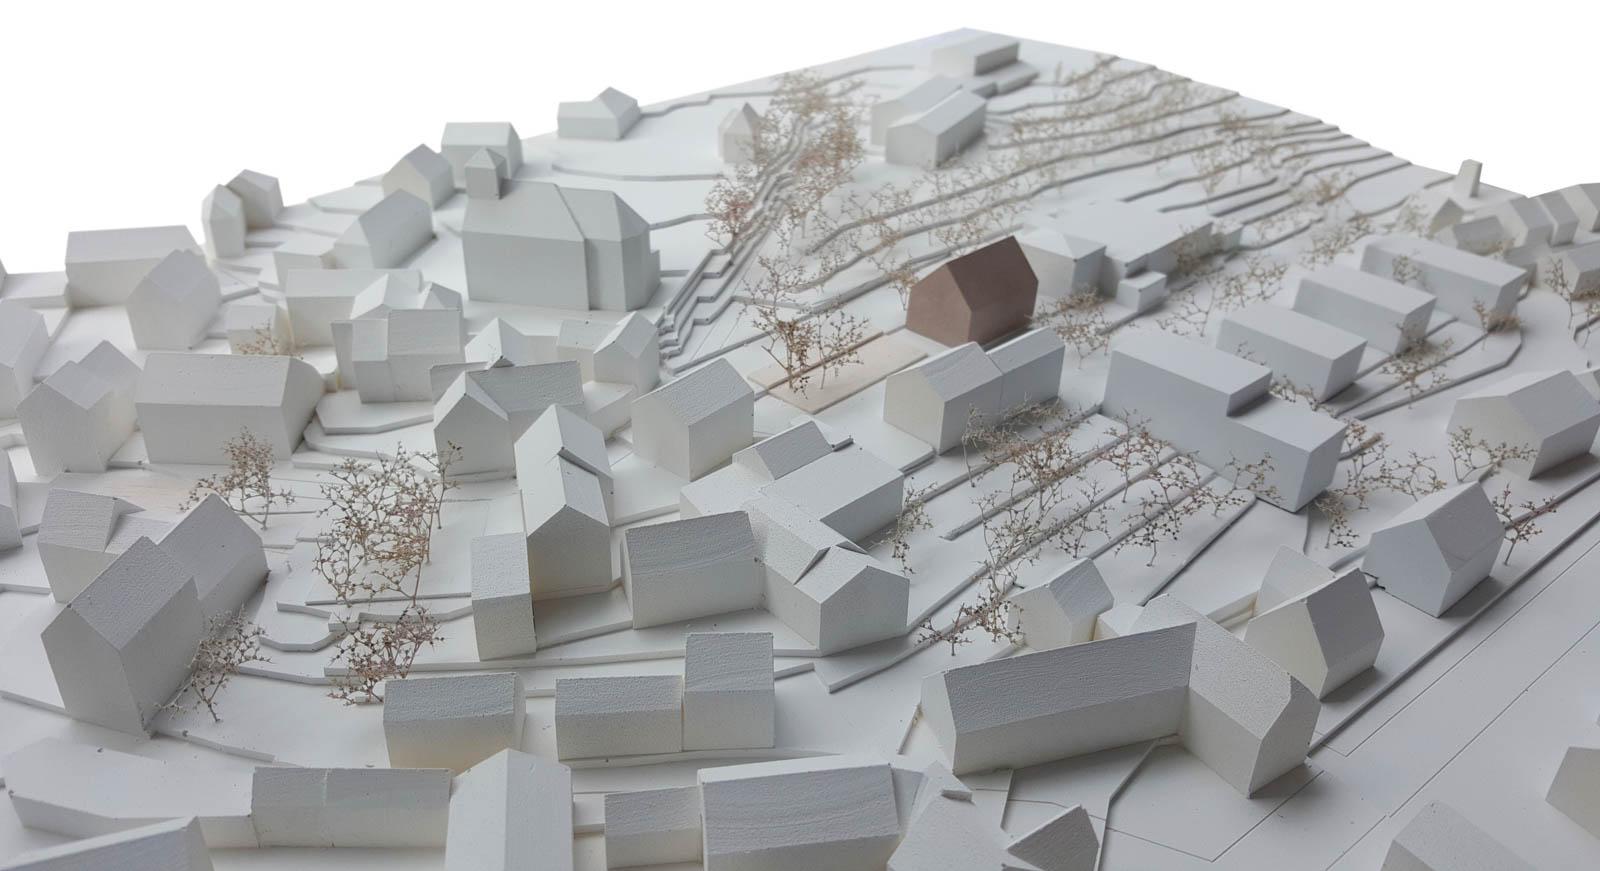 Nickel und Wachter Architekten - Klosterwiese Viereth Modell